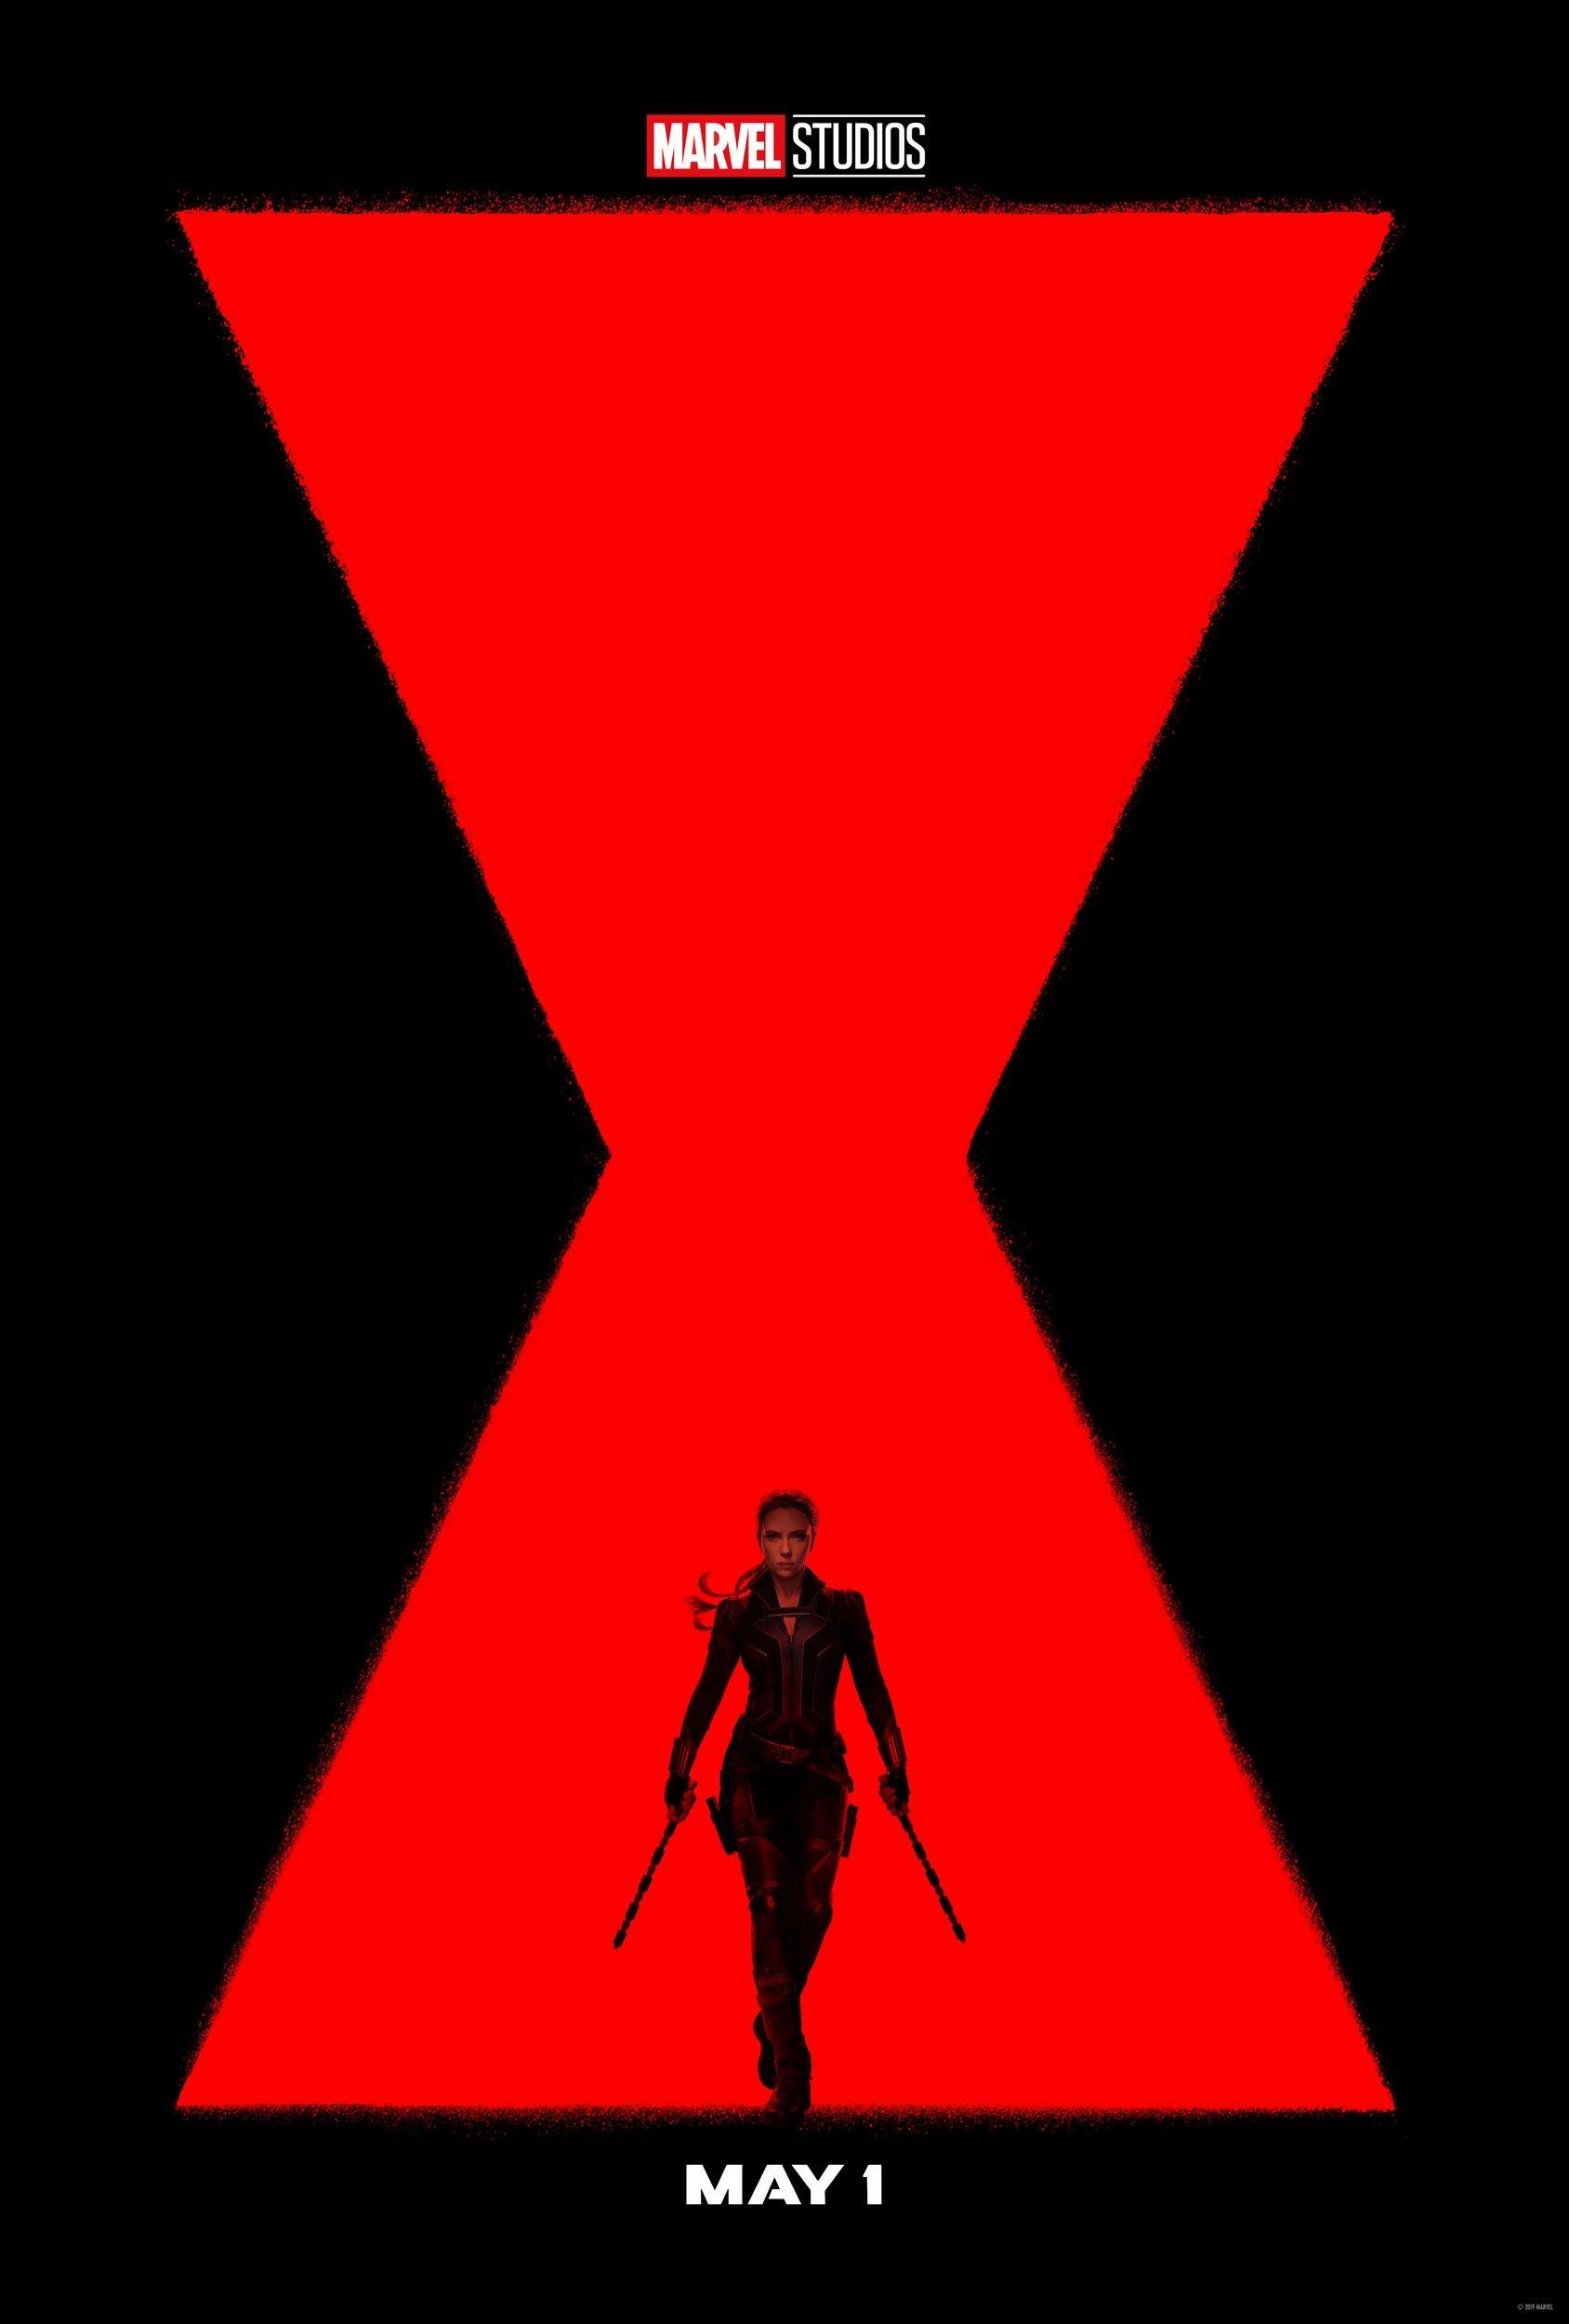 szmk_marvel_black_widow_fekete_ozvegy_bosszuallok_budapest_avengers_natasha_romanoff_2.jpg